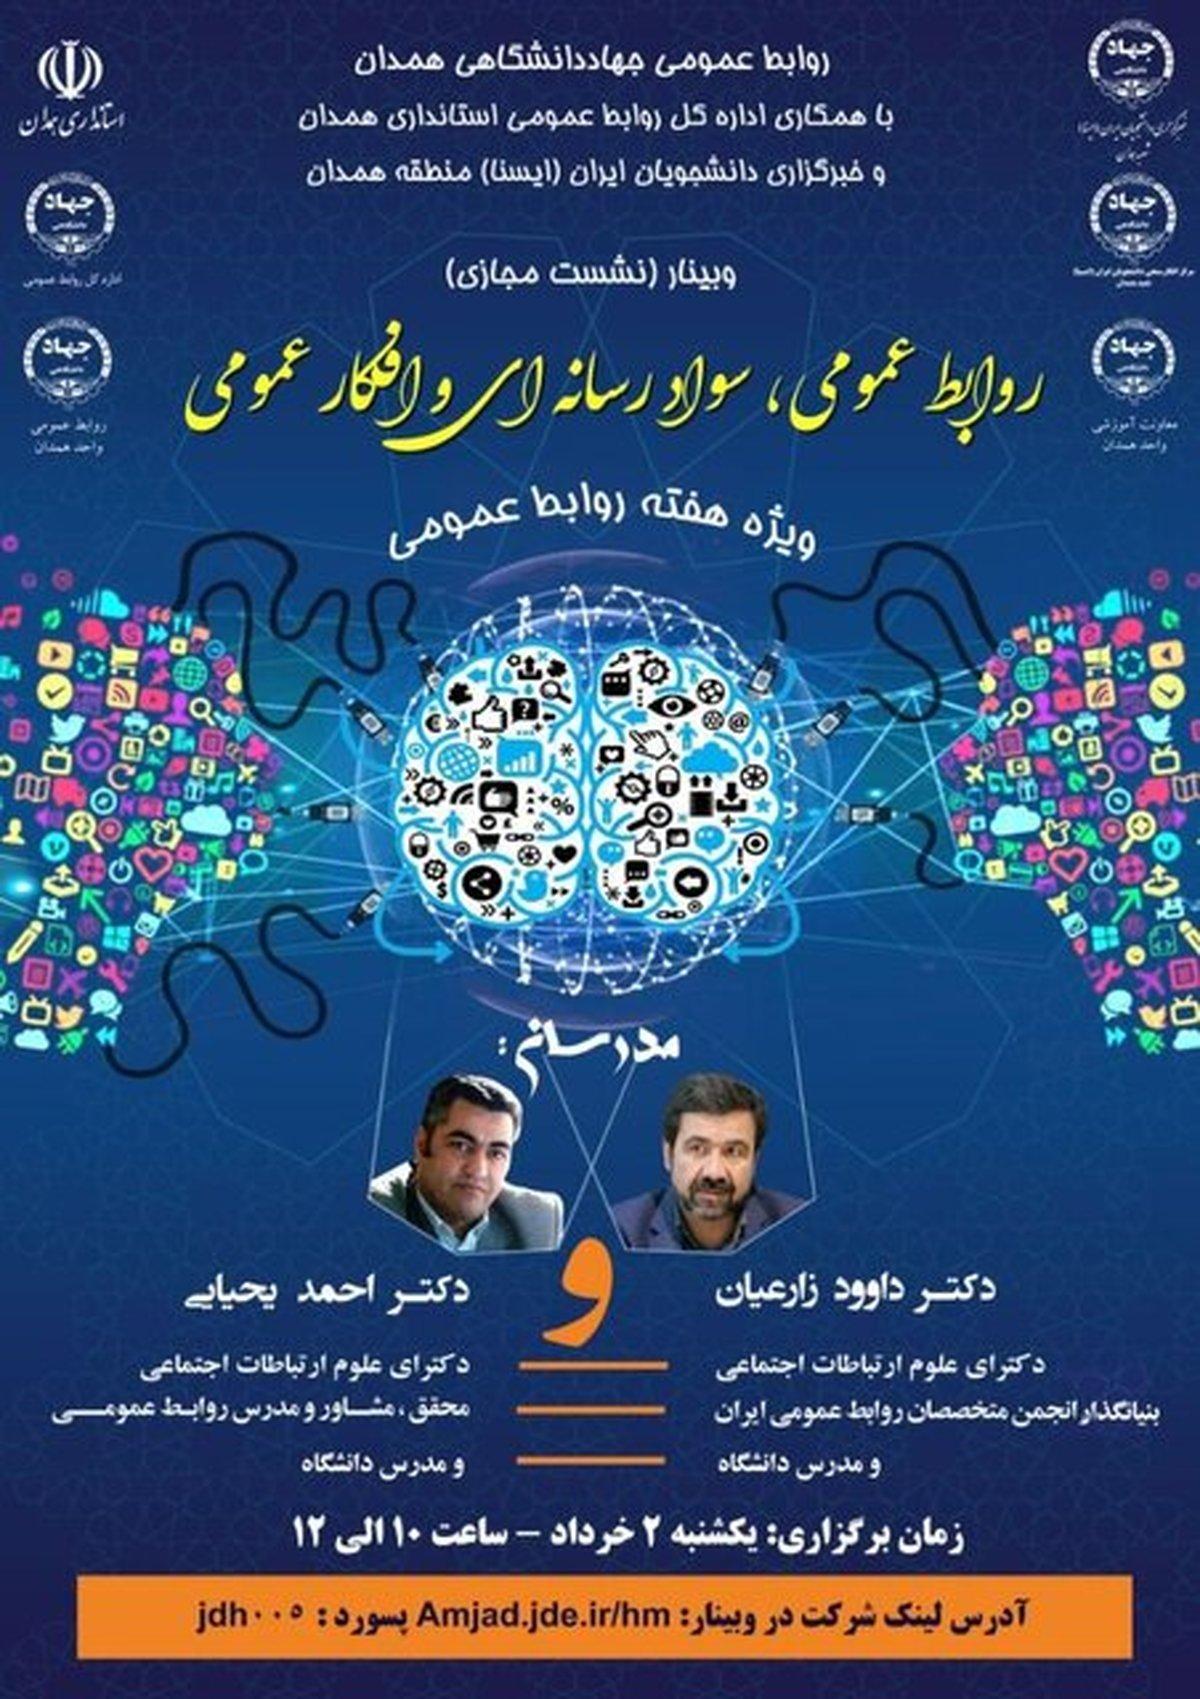 برگزاری وبینار «روابط عمومی، سواد رسانهای و افکار عمومی»